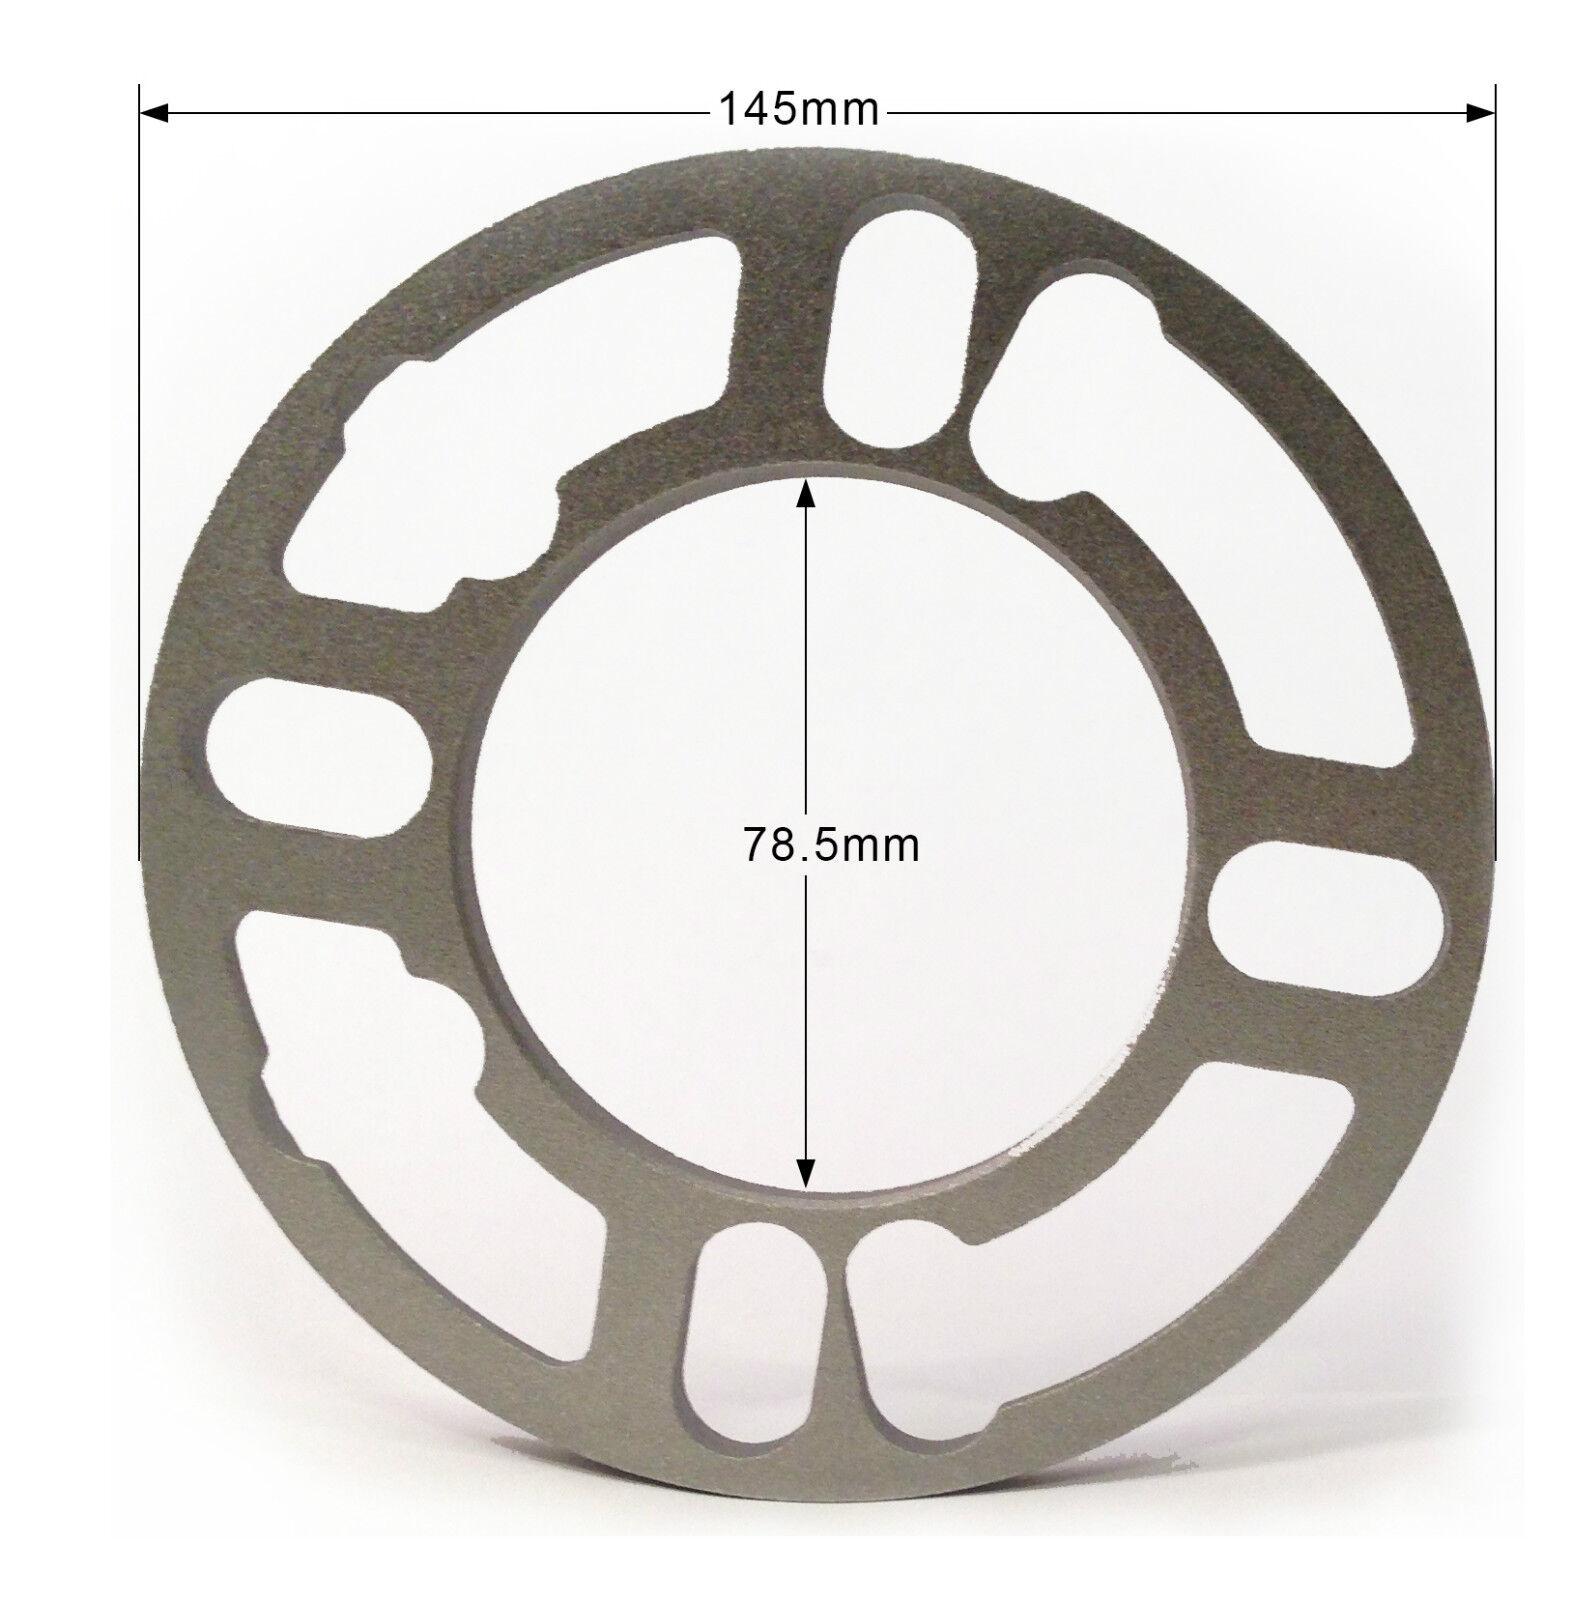 16 X Sintonizador de Rueda de Aleación Pernos M12 X 1.5 Extended Rosca 35mm-Mini R50 R52 R57